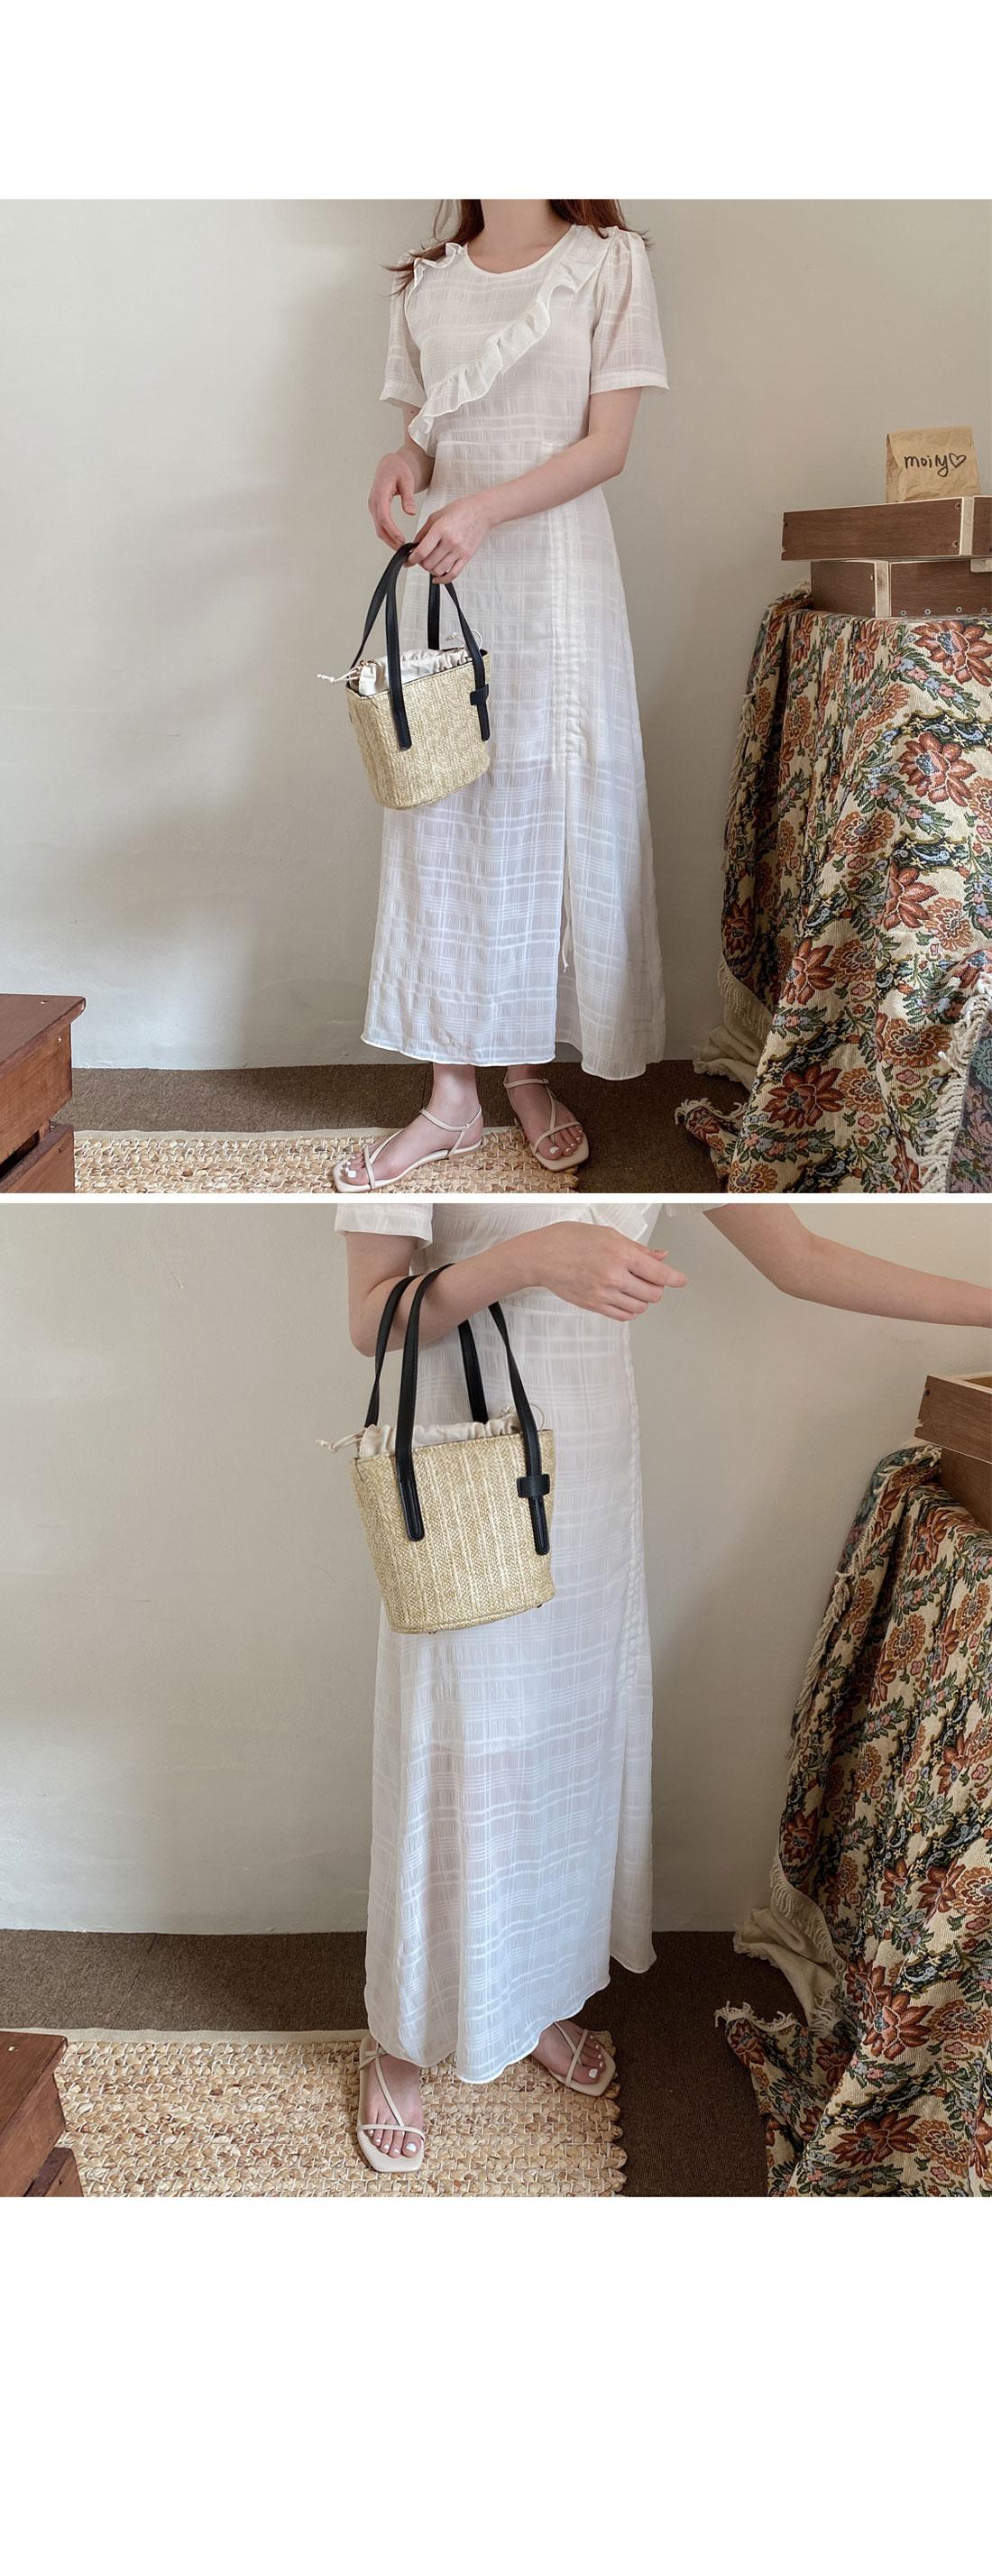 Phuket Rattan Tote & Cross Bag